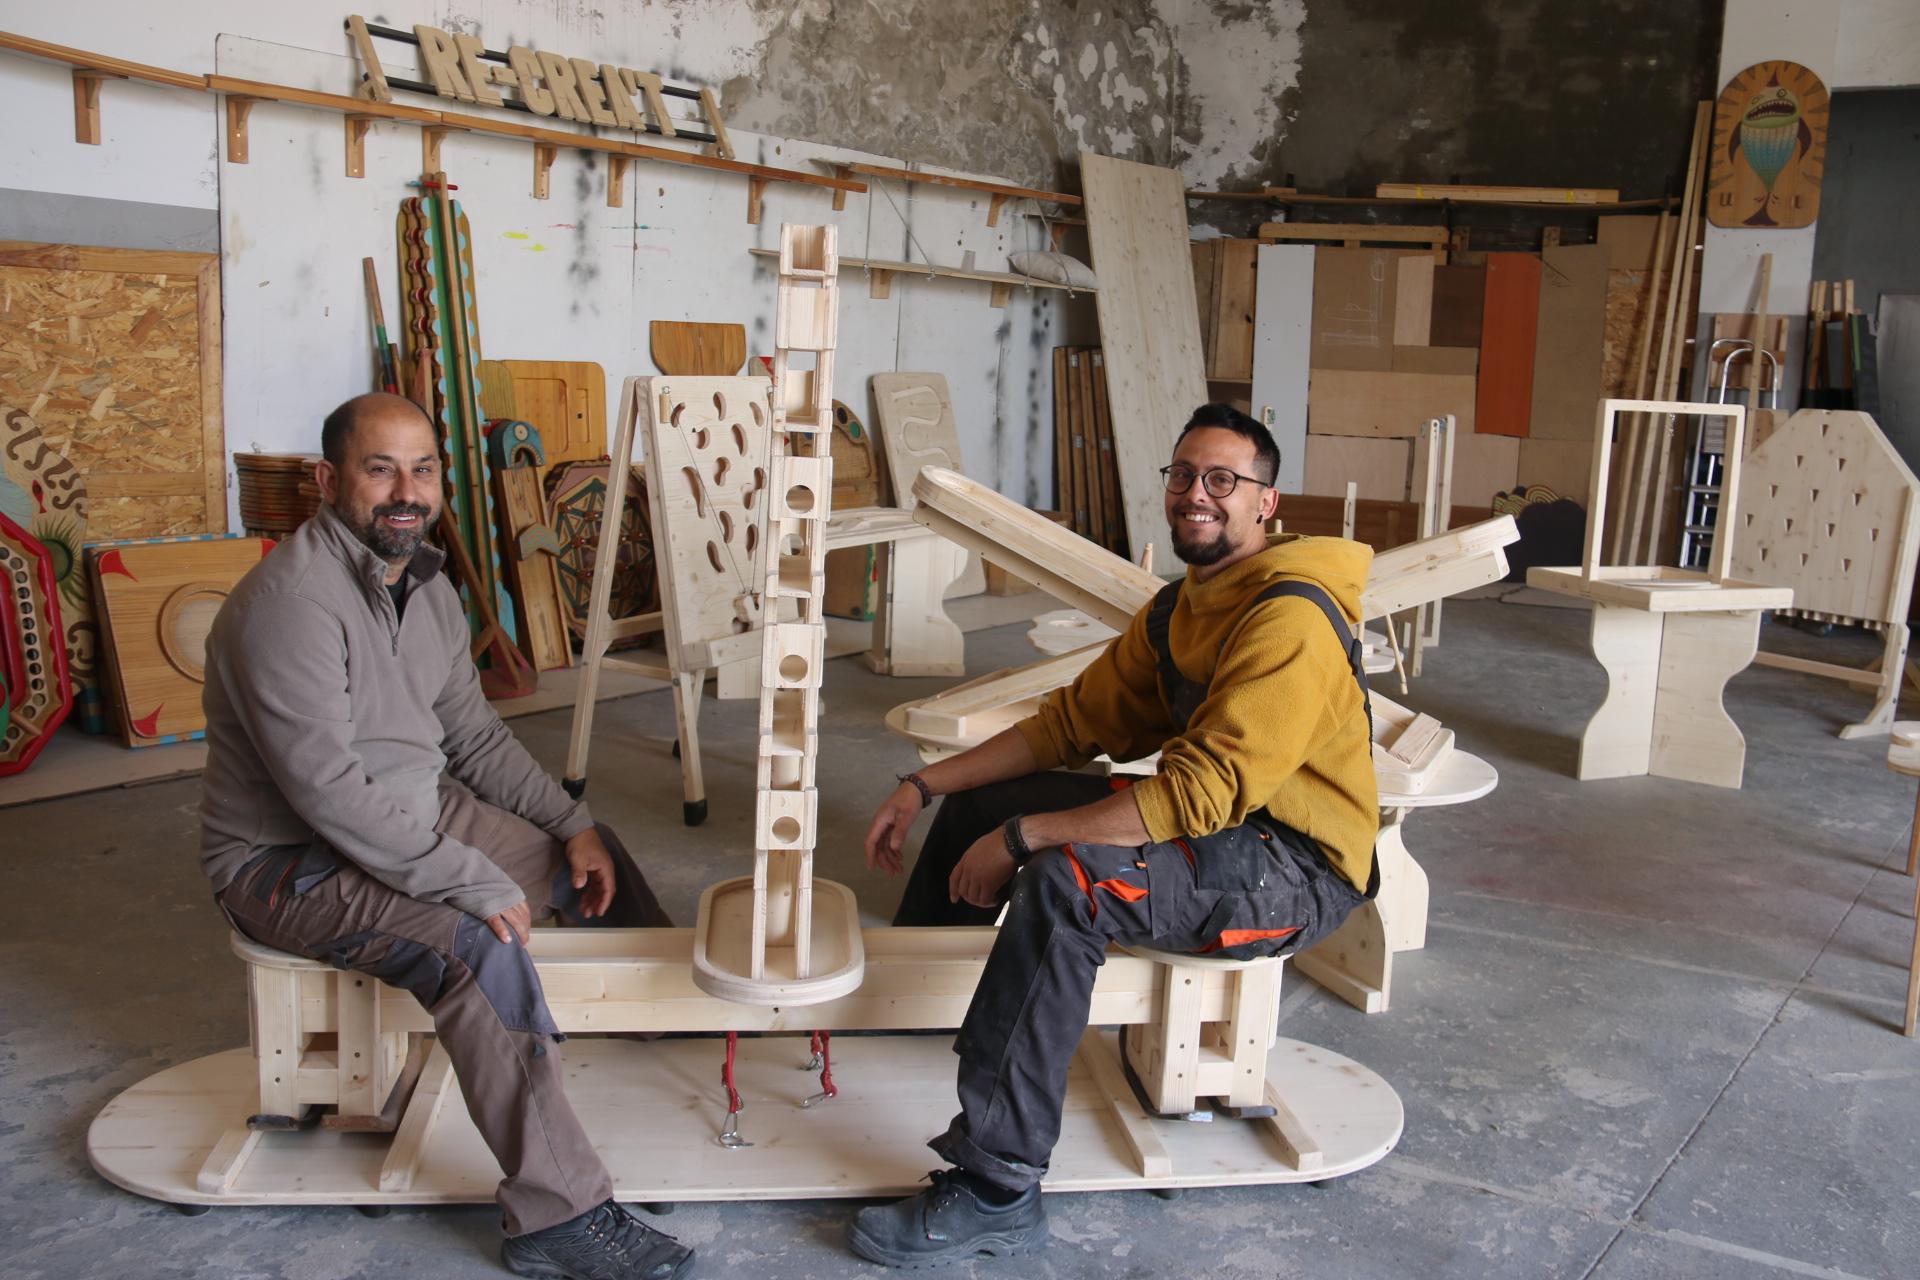 Una companyia  d'arts de carrer de Bellpuig crea una col·lecció de jocs de fusta per a un museu noruec a l'aire lliure